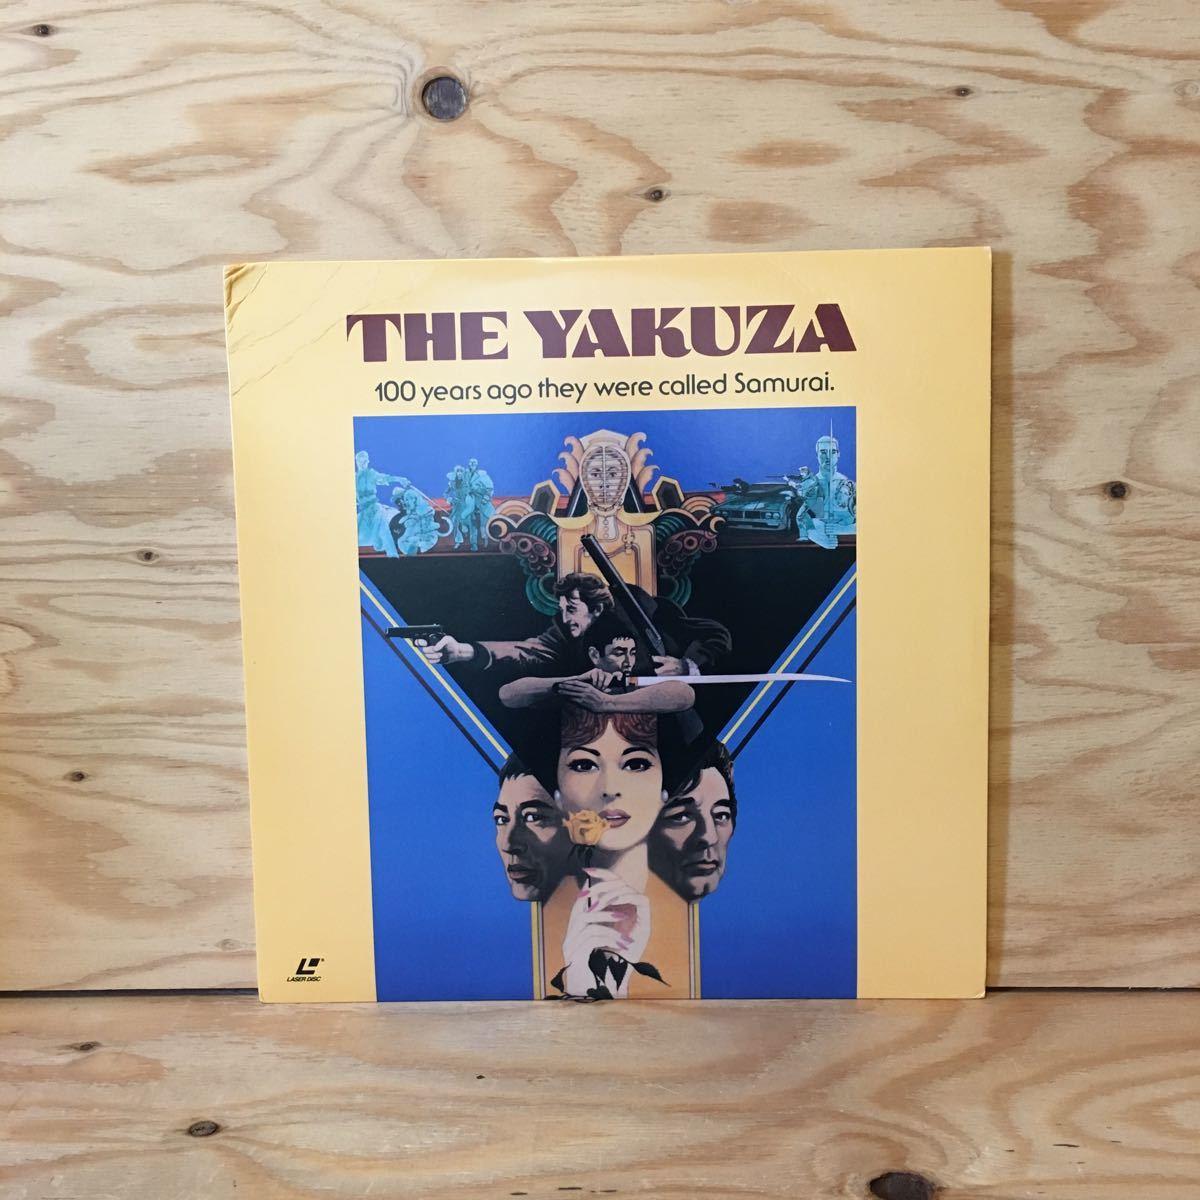 ◎Y3FJJC-200225 レア[THE YAKUZA 輸入盤]LD レーザーディスク 高倉健 SYDNEY POLLACK_画像1